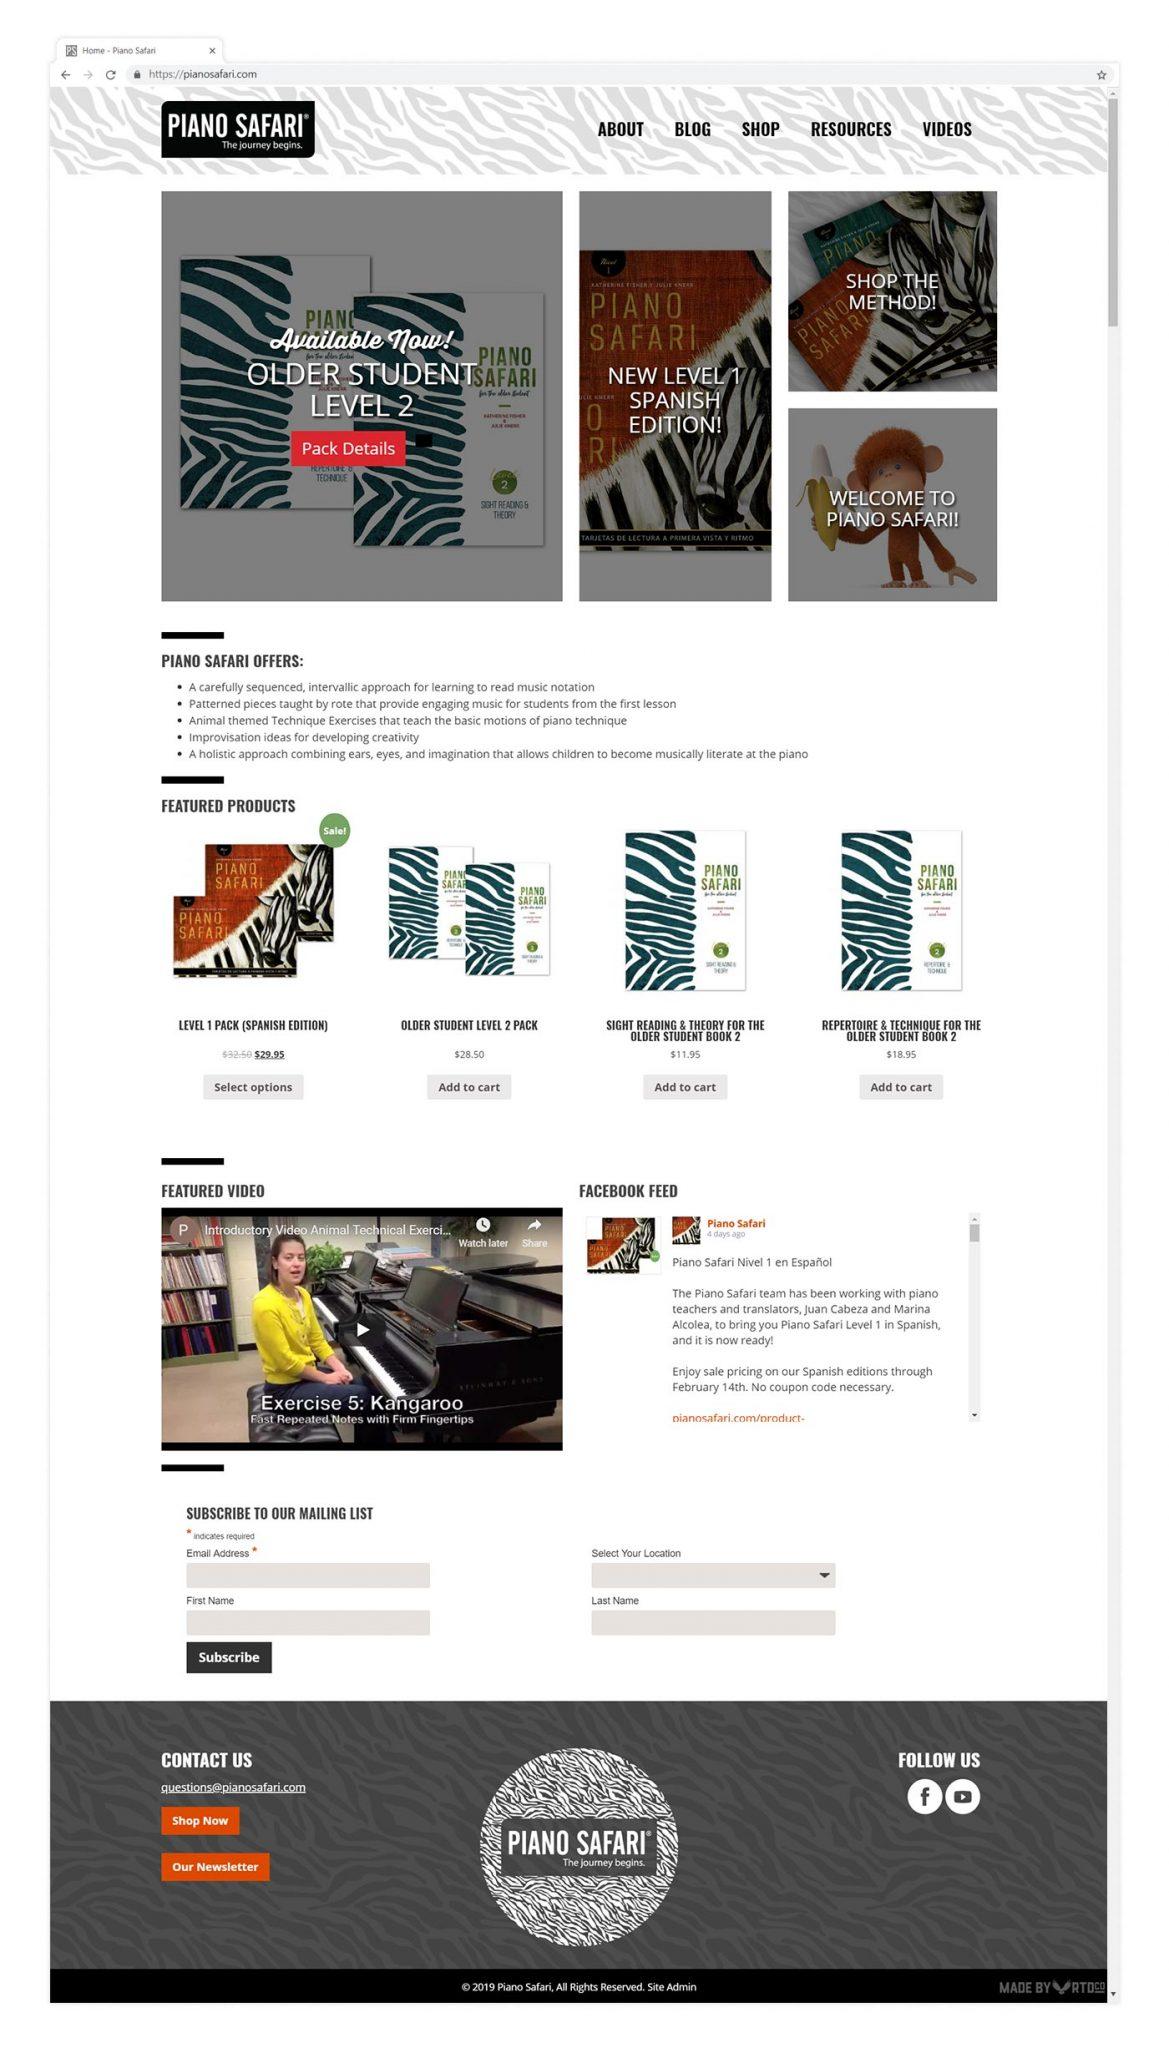 Piano Safari website homepage mockup